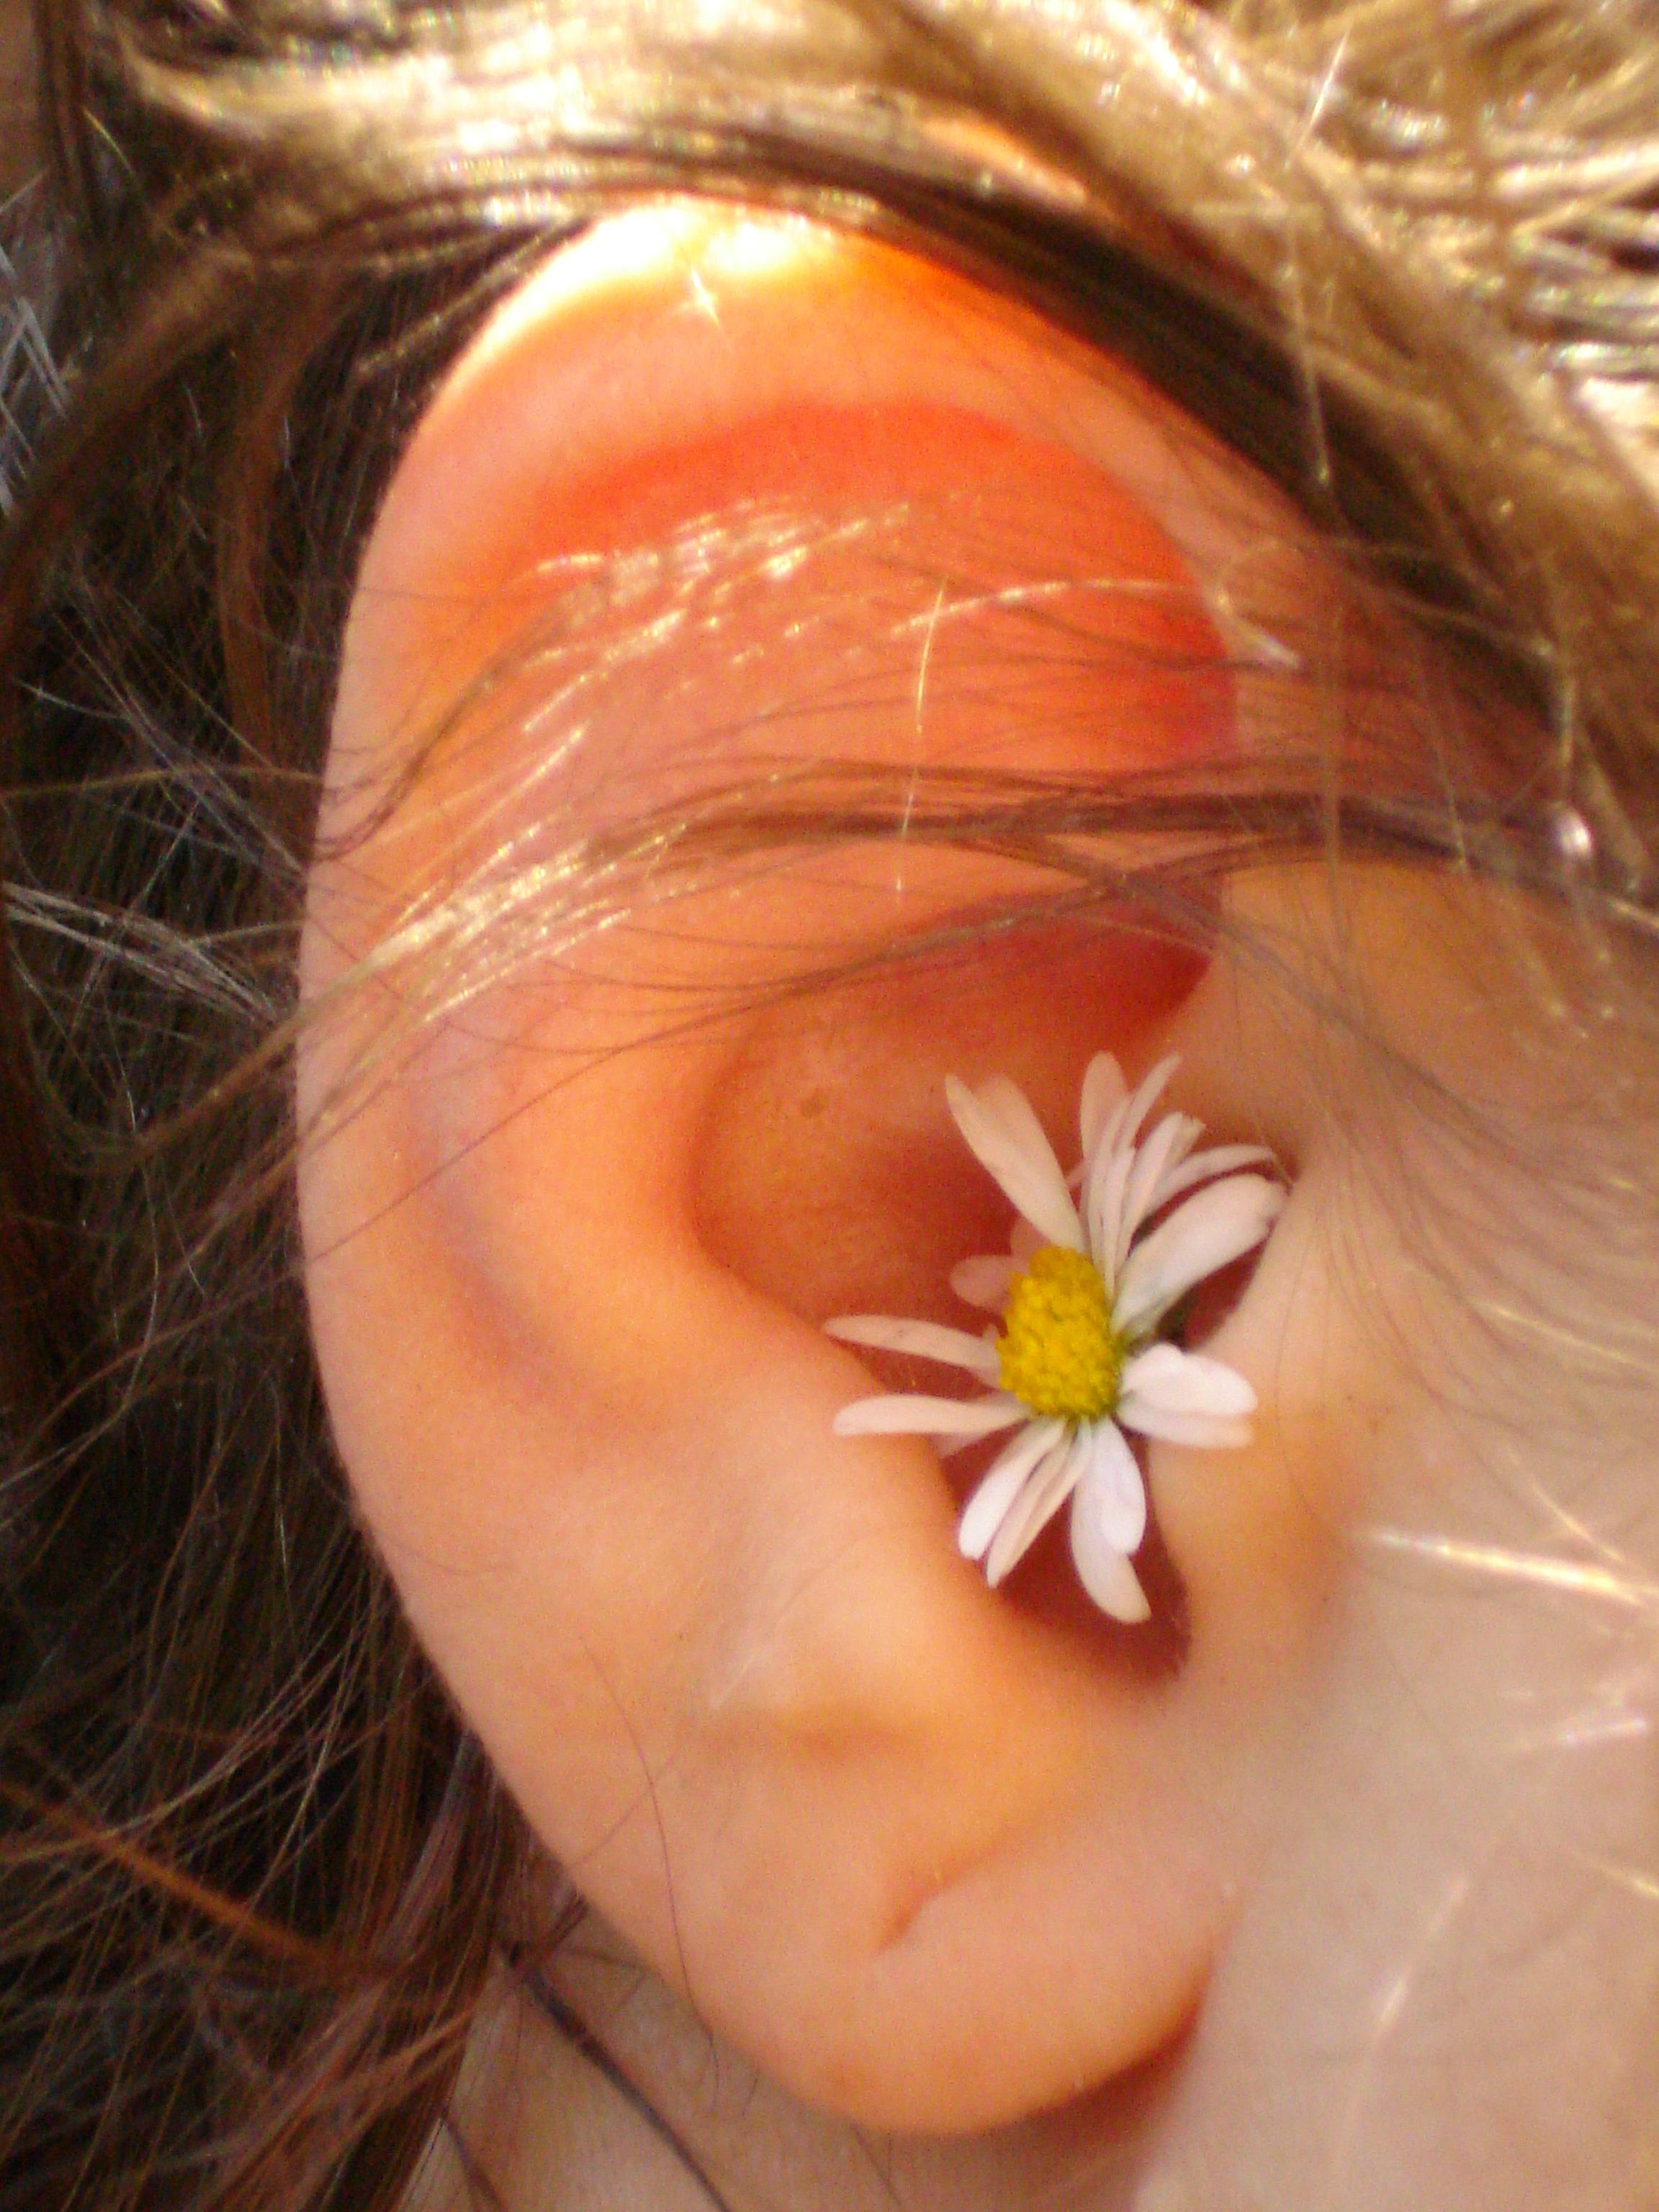 Blume-im-Ohr_MiABild.jpg